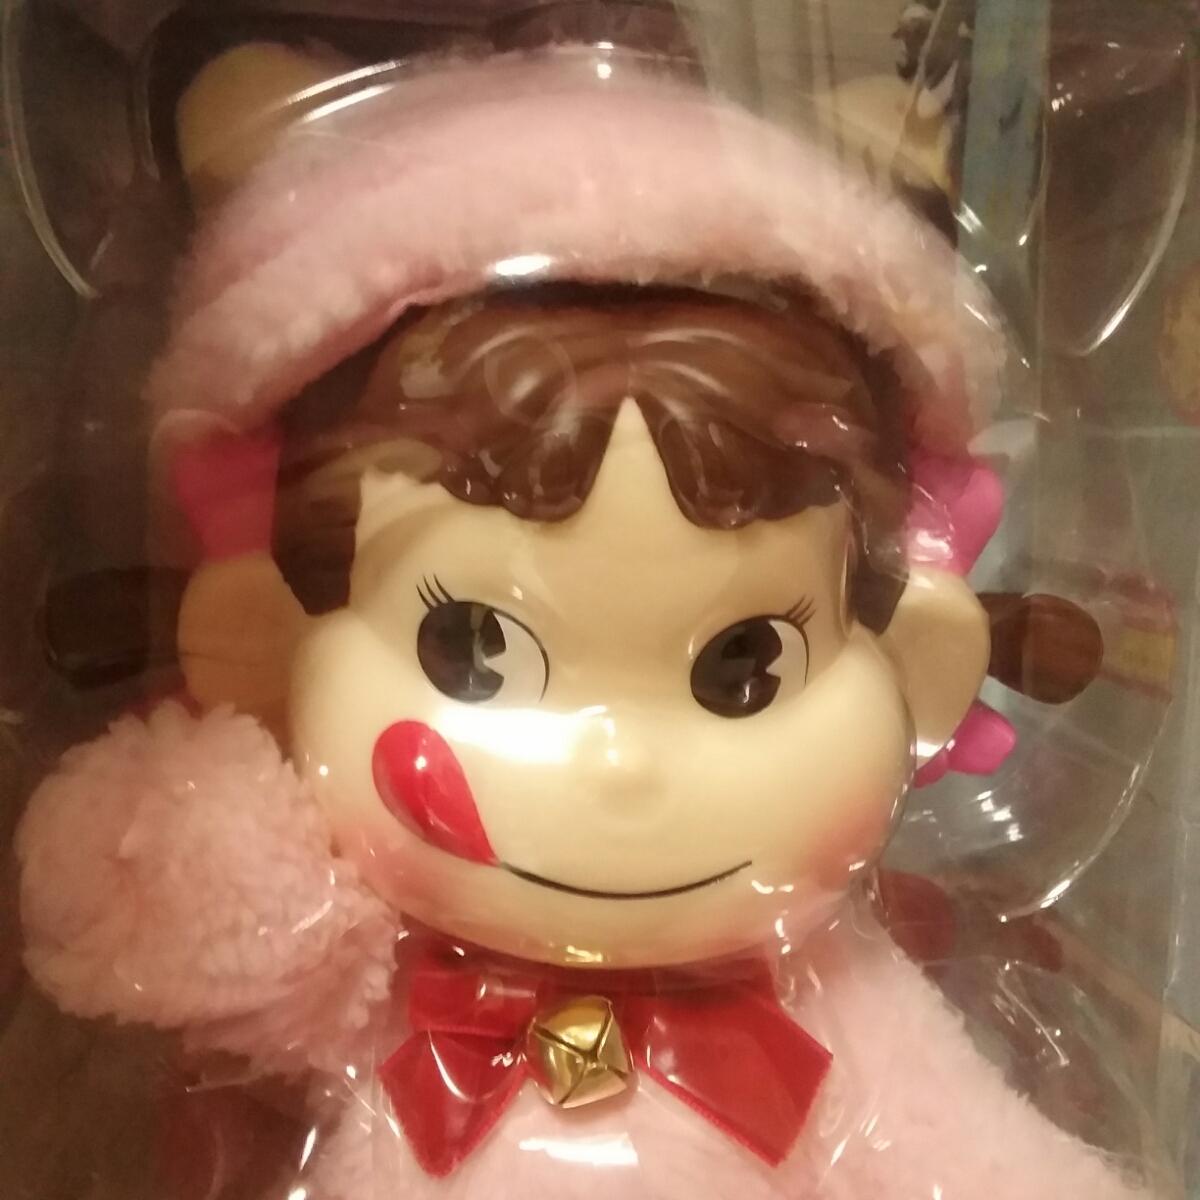 数量限定 PEKO DOLL ペコドール ペコちゃん 人形 猫 ピンク 着ぐるみ セブンイレブン 不二家 限定 ぬいぐるみ ミルキー プレゼント_画像3